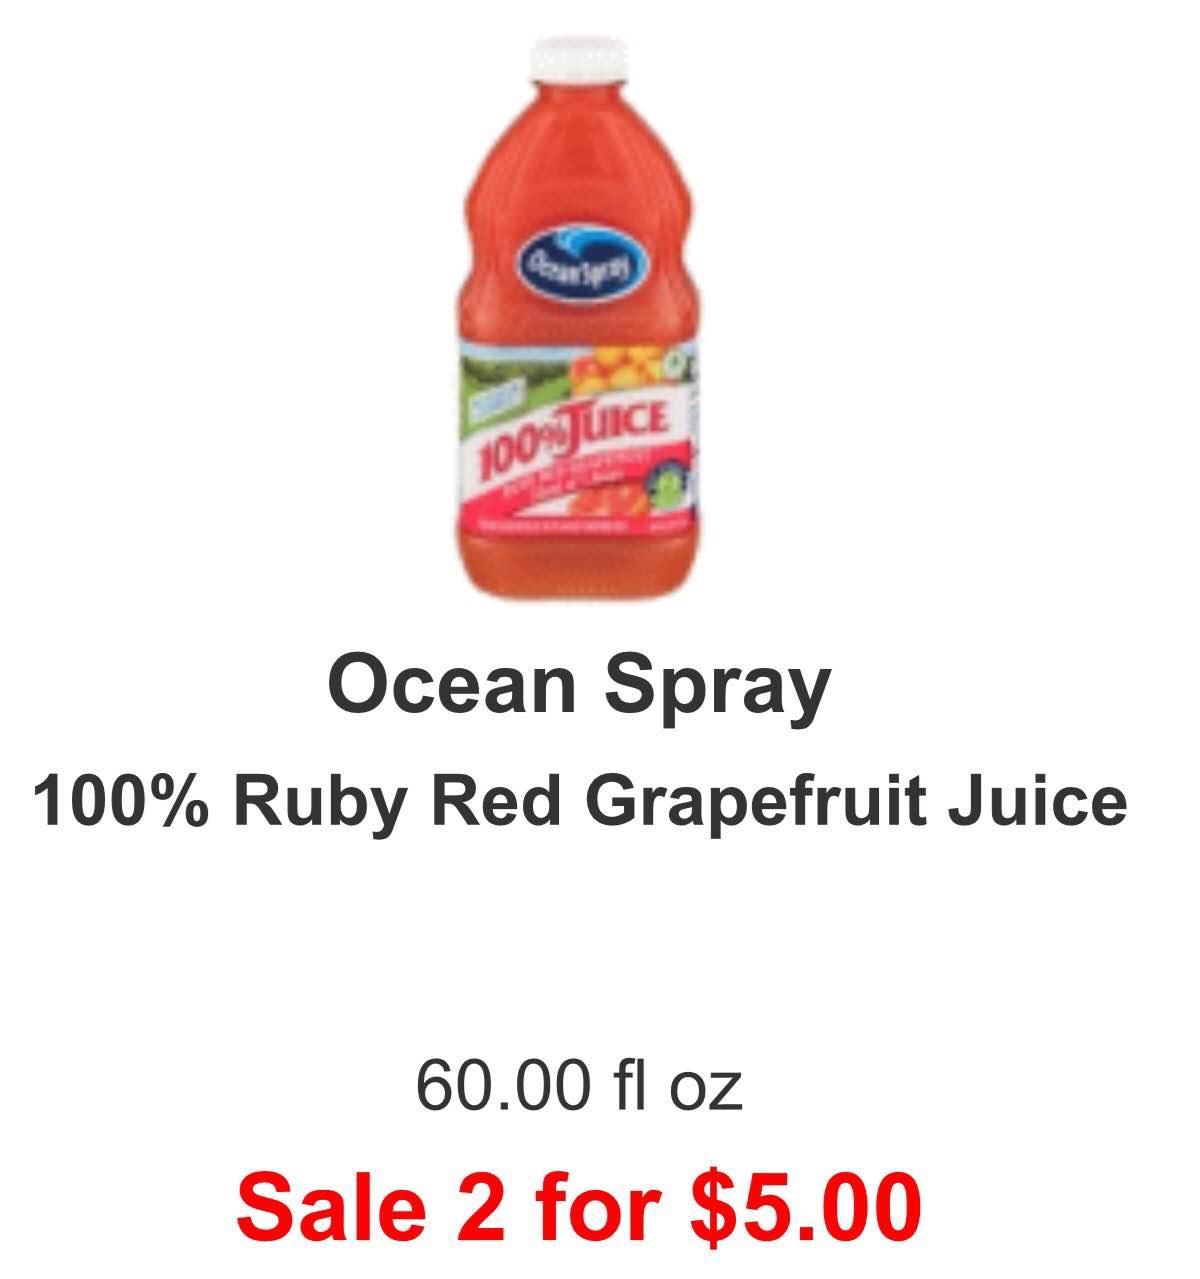 Ocean spray coupon canada